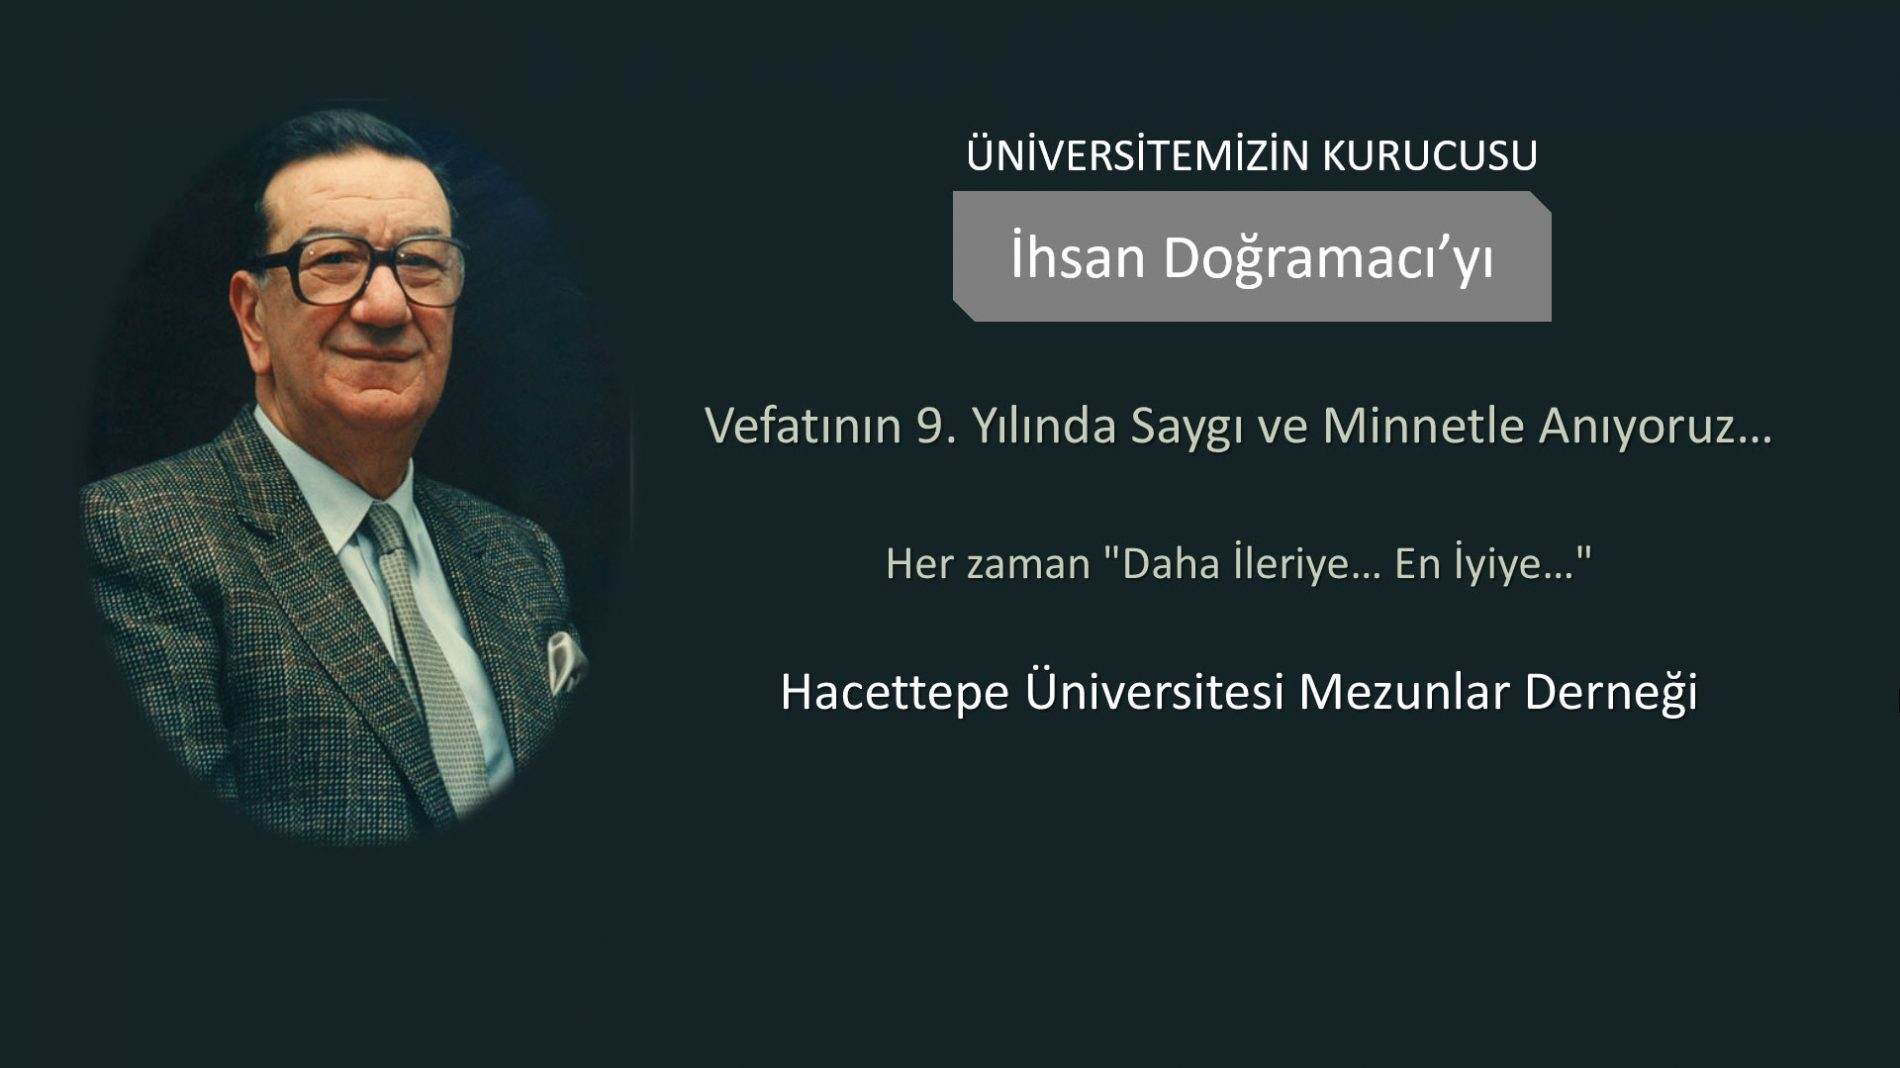 Üniversitemizin Kurucusu İhsan Doğramacı'yı Saygı ve Minnetle Anıyoruz…